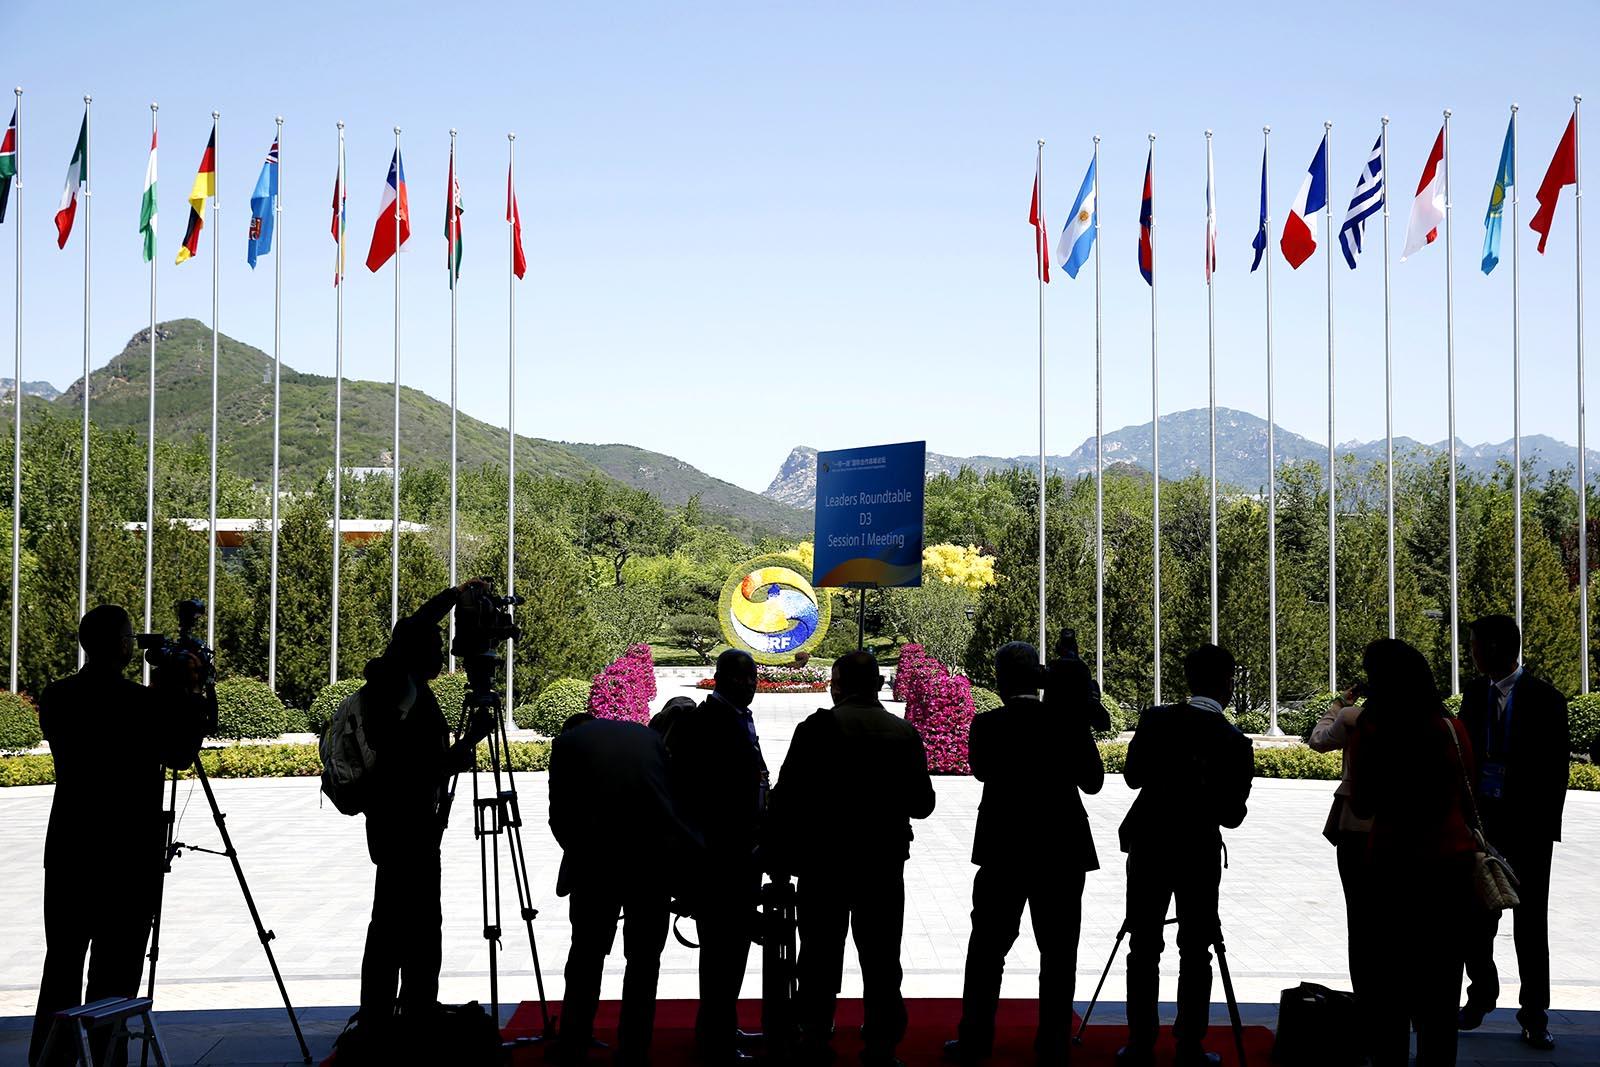 Новинари очекују госте испред места одржавања Форума појас и пут у Пекингу, 15. мај 2017. (Фото: Reuters/Thomas Peter)